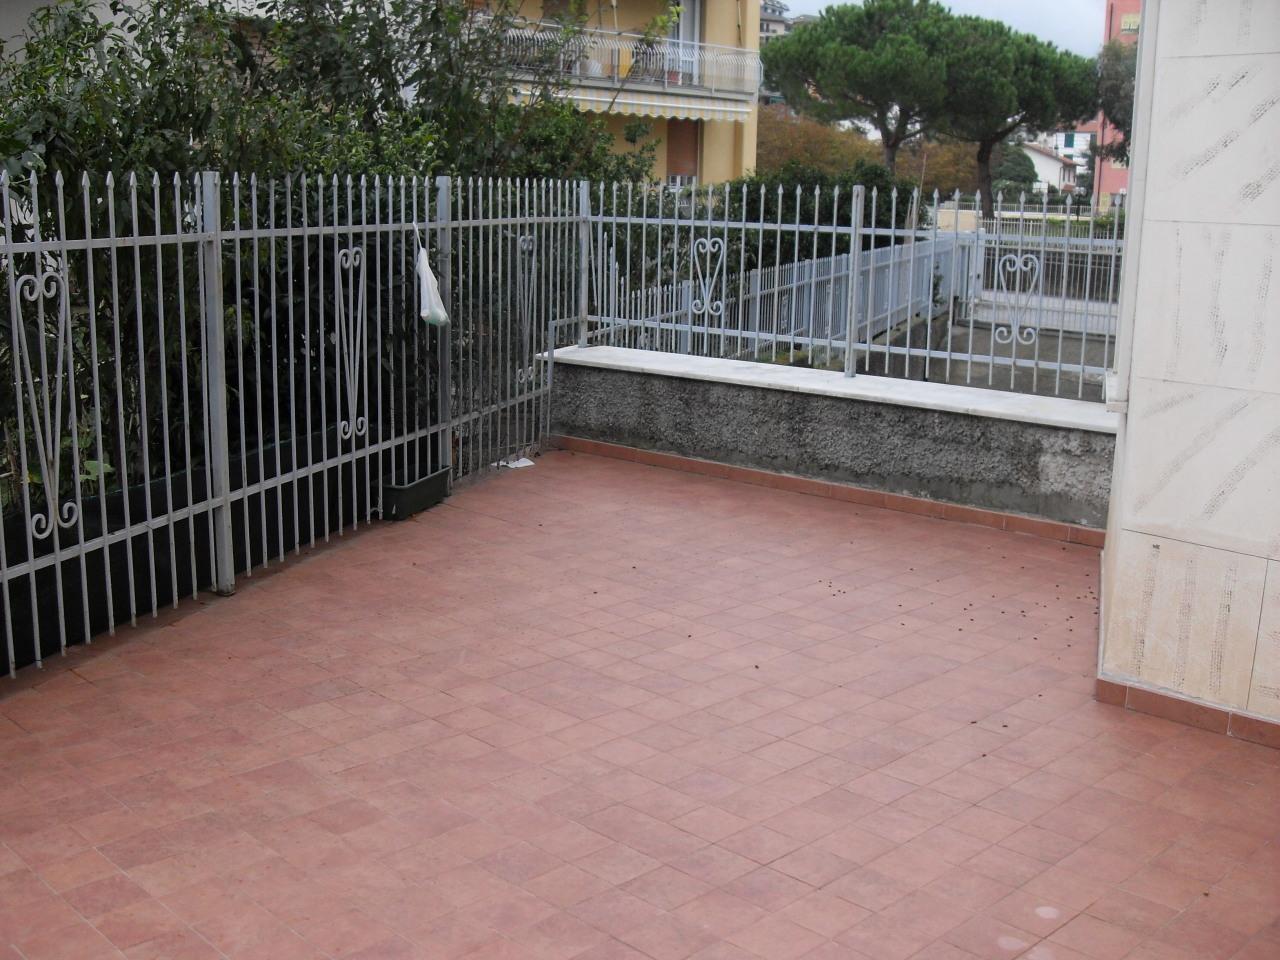 Appartamento in vendita a Casarza Ligure, 6 locali, prezzo € 280.000   CambioCasa.it